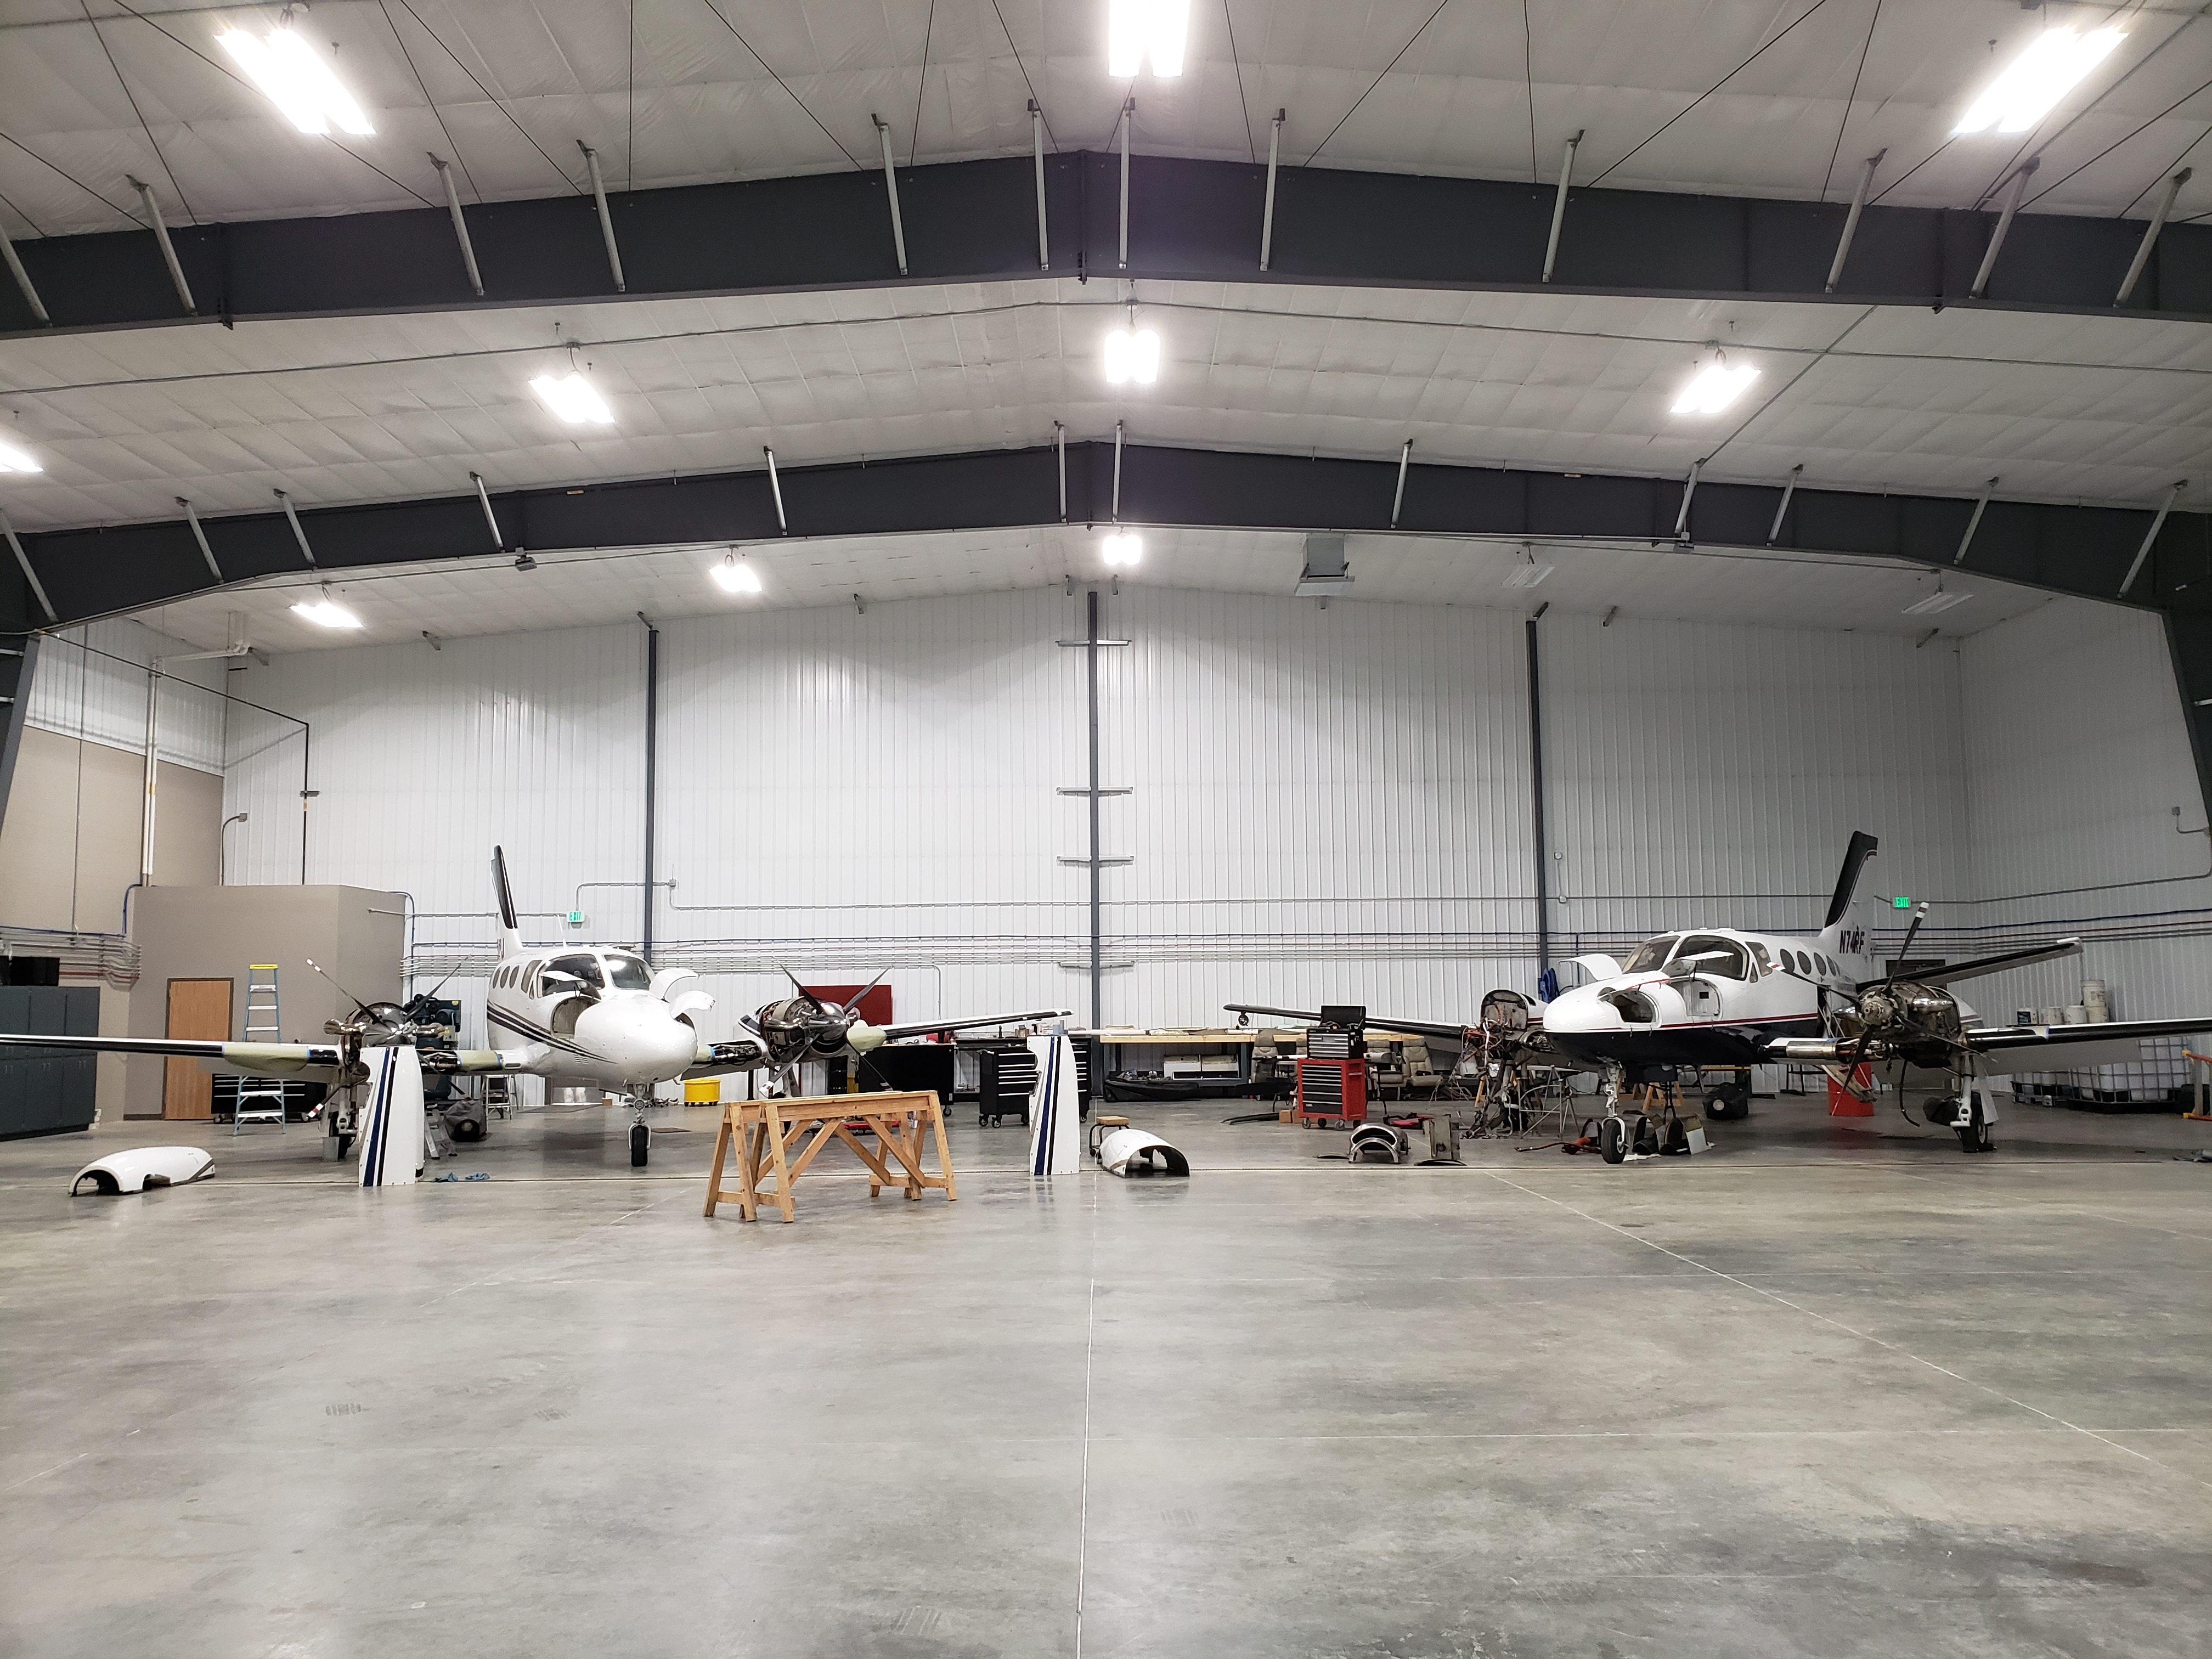 engines under maintenance in hangar